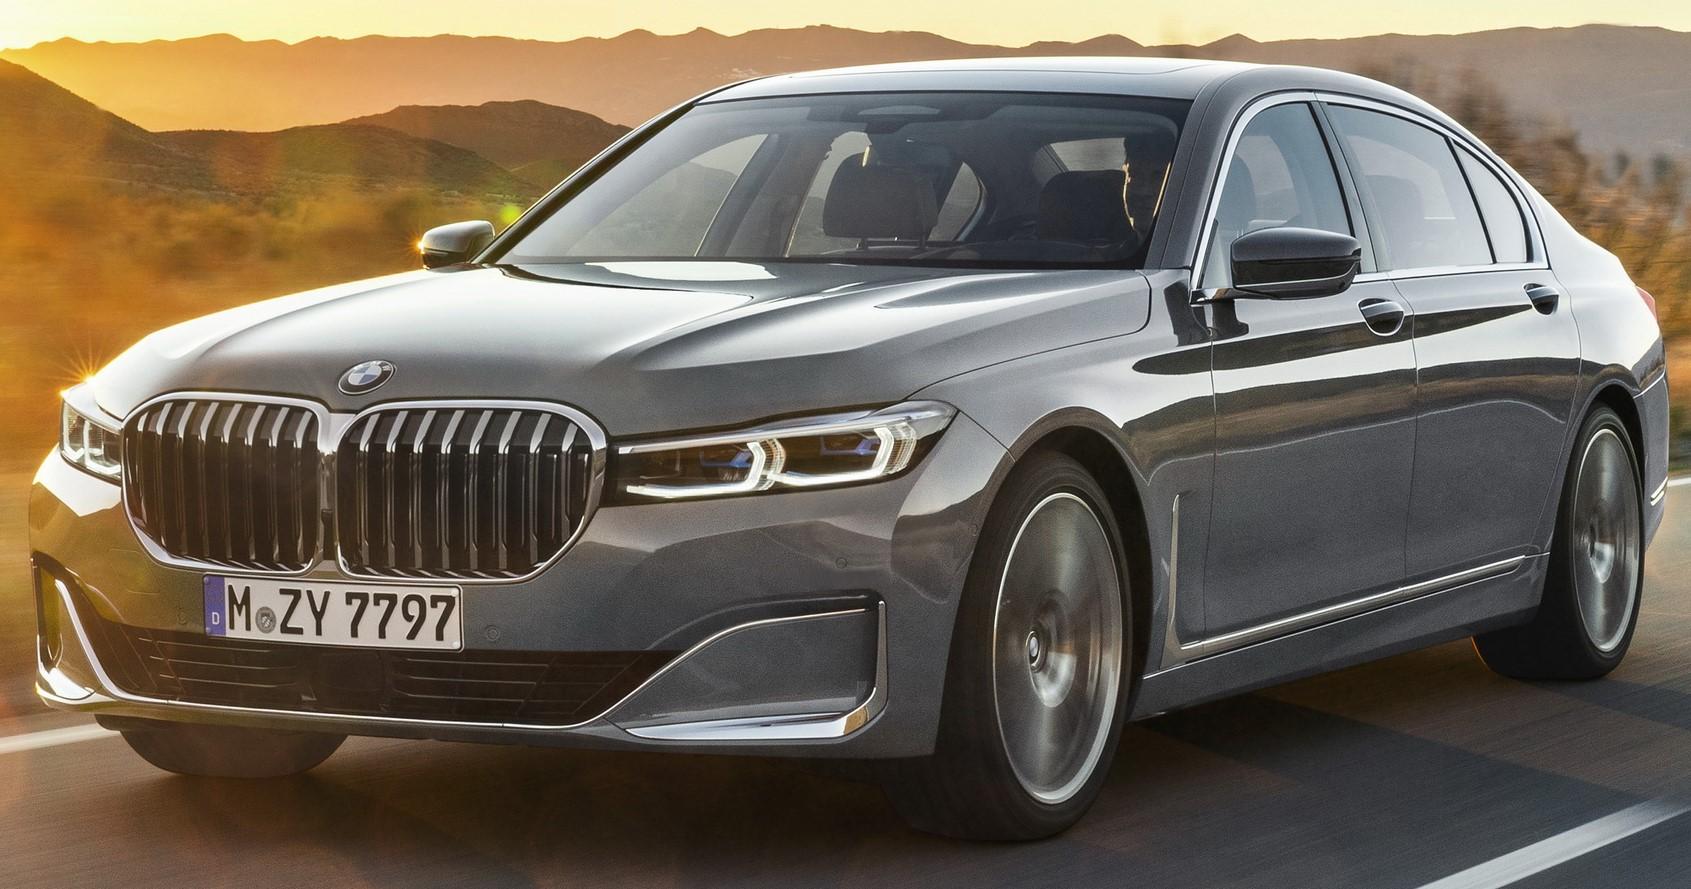 البافارية تطرح BMW 730Li المستوردة بمحرك 2 لتر 4 سلندر بسعر 1.95 مليون جنيه